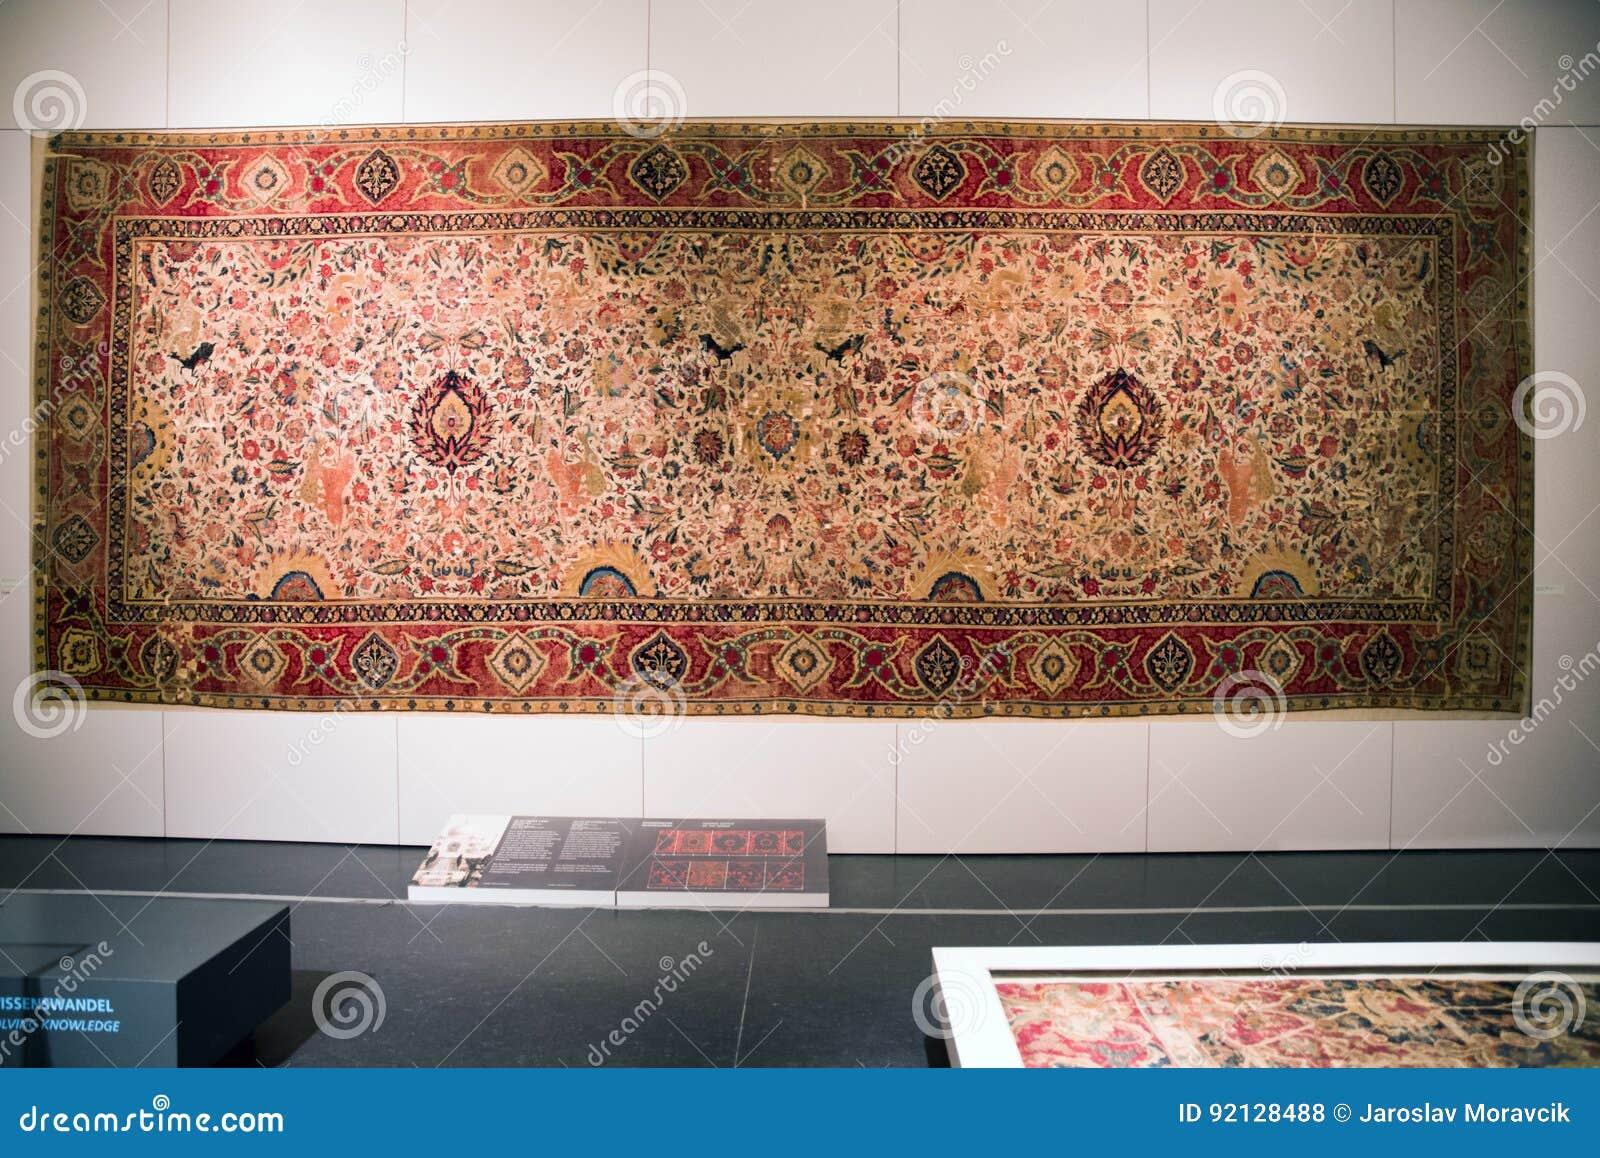 Genial Teppich Berlin Beste Wahl Pattern Legen Sie Raum In Der Islamischen